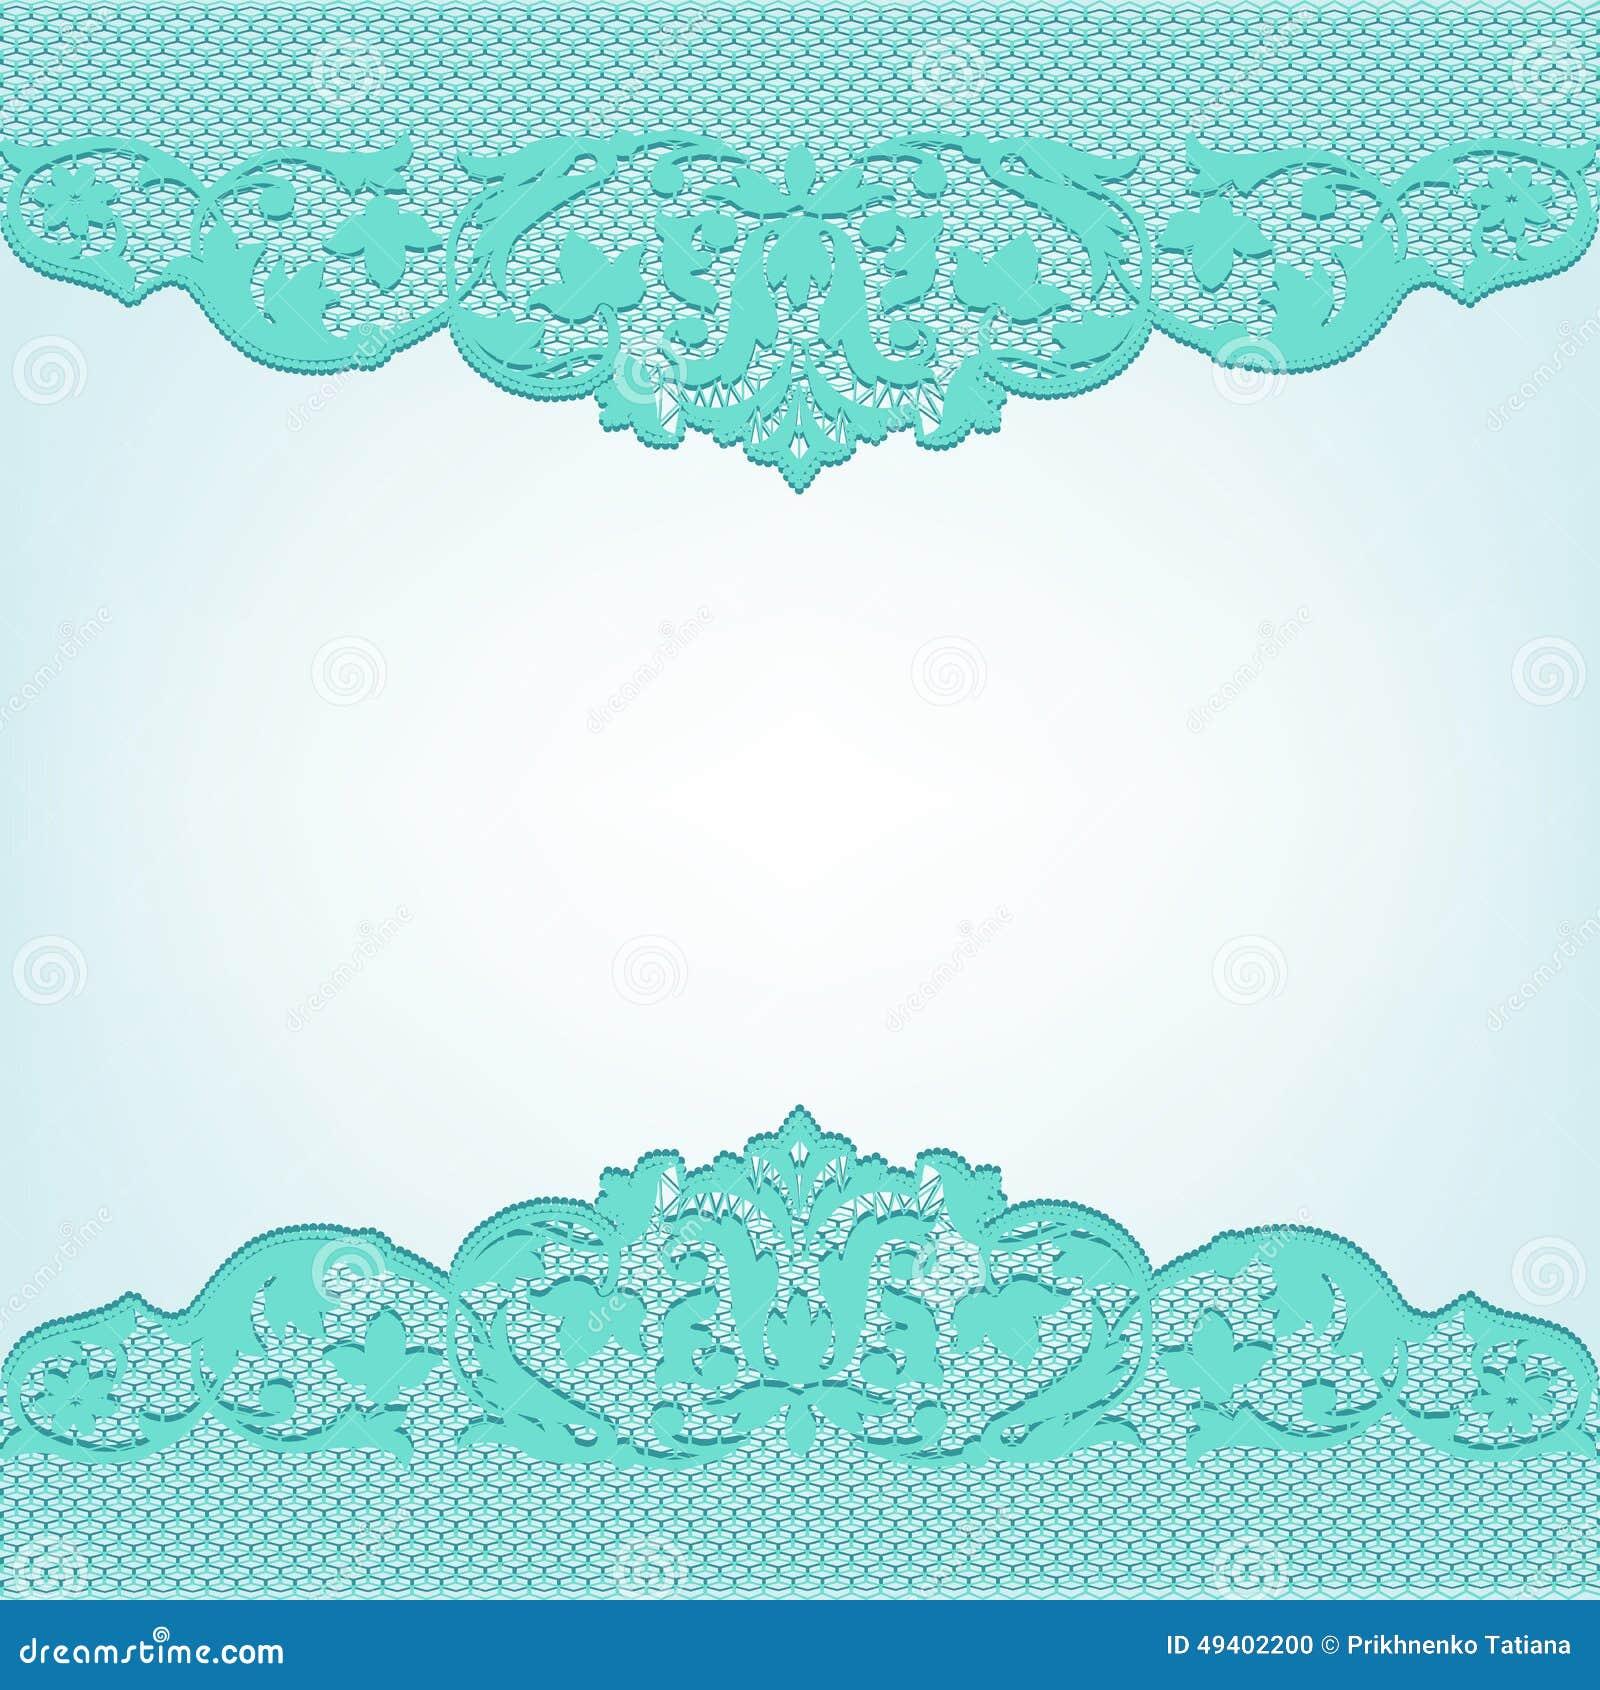 Download Farbiges Nettomuster vektor abbildung. Illustration von kleider - 49402200